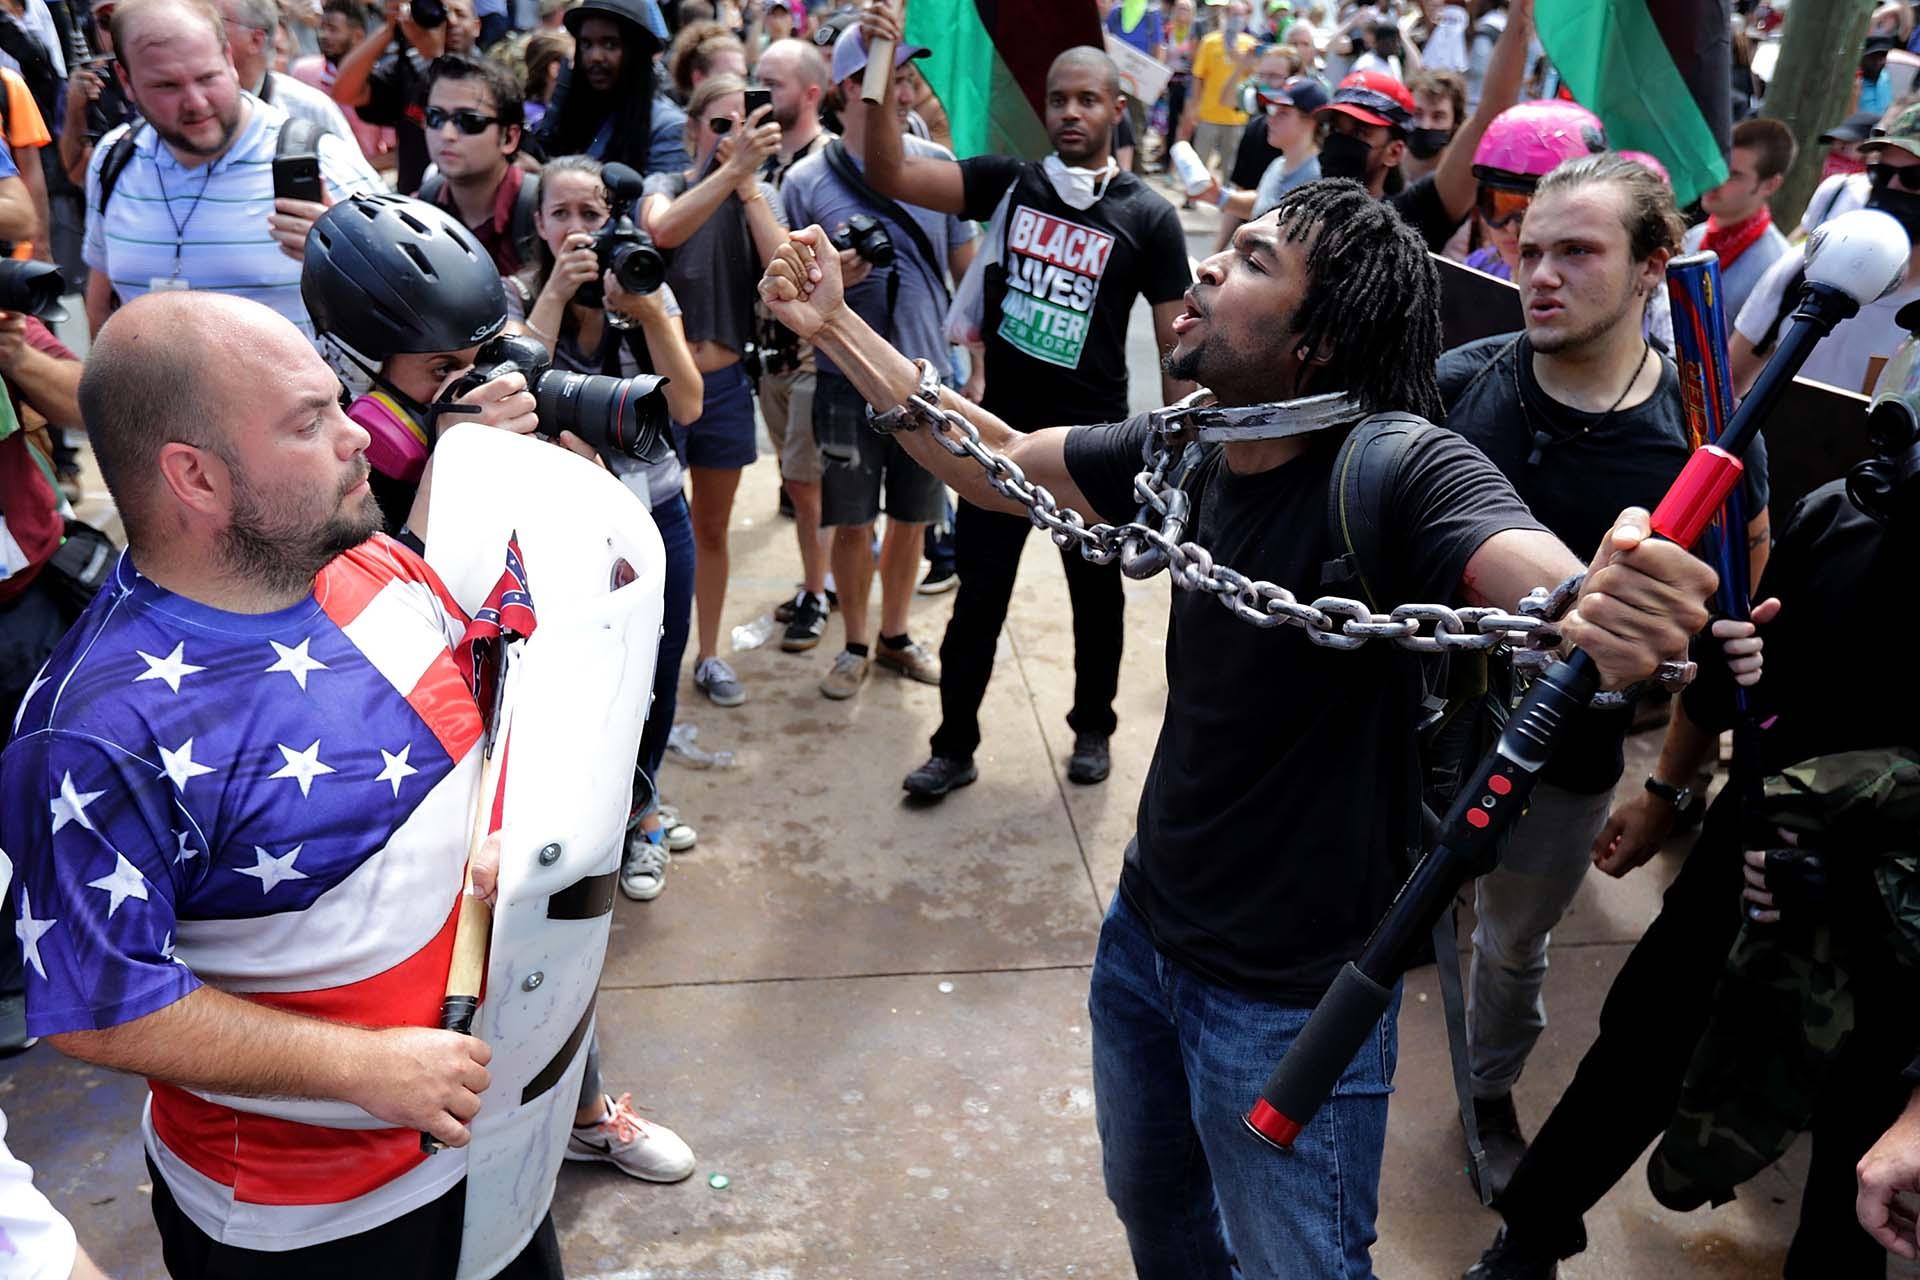 Supremacistas blancos se enfrentaron con antifascistas en la ciudad de Charlottesville, Virginia